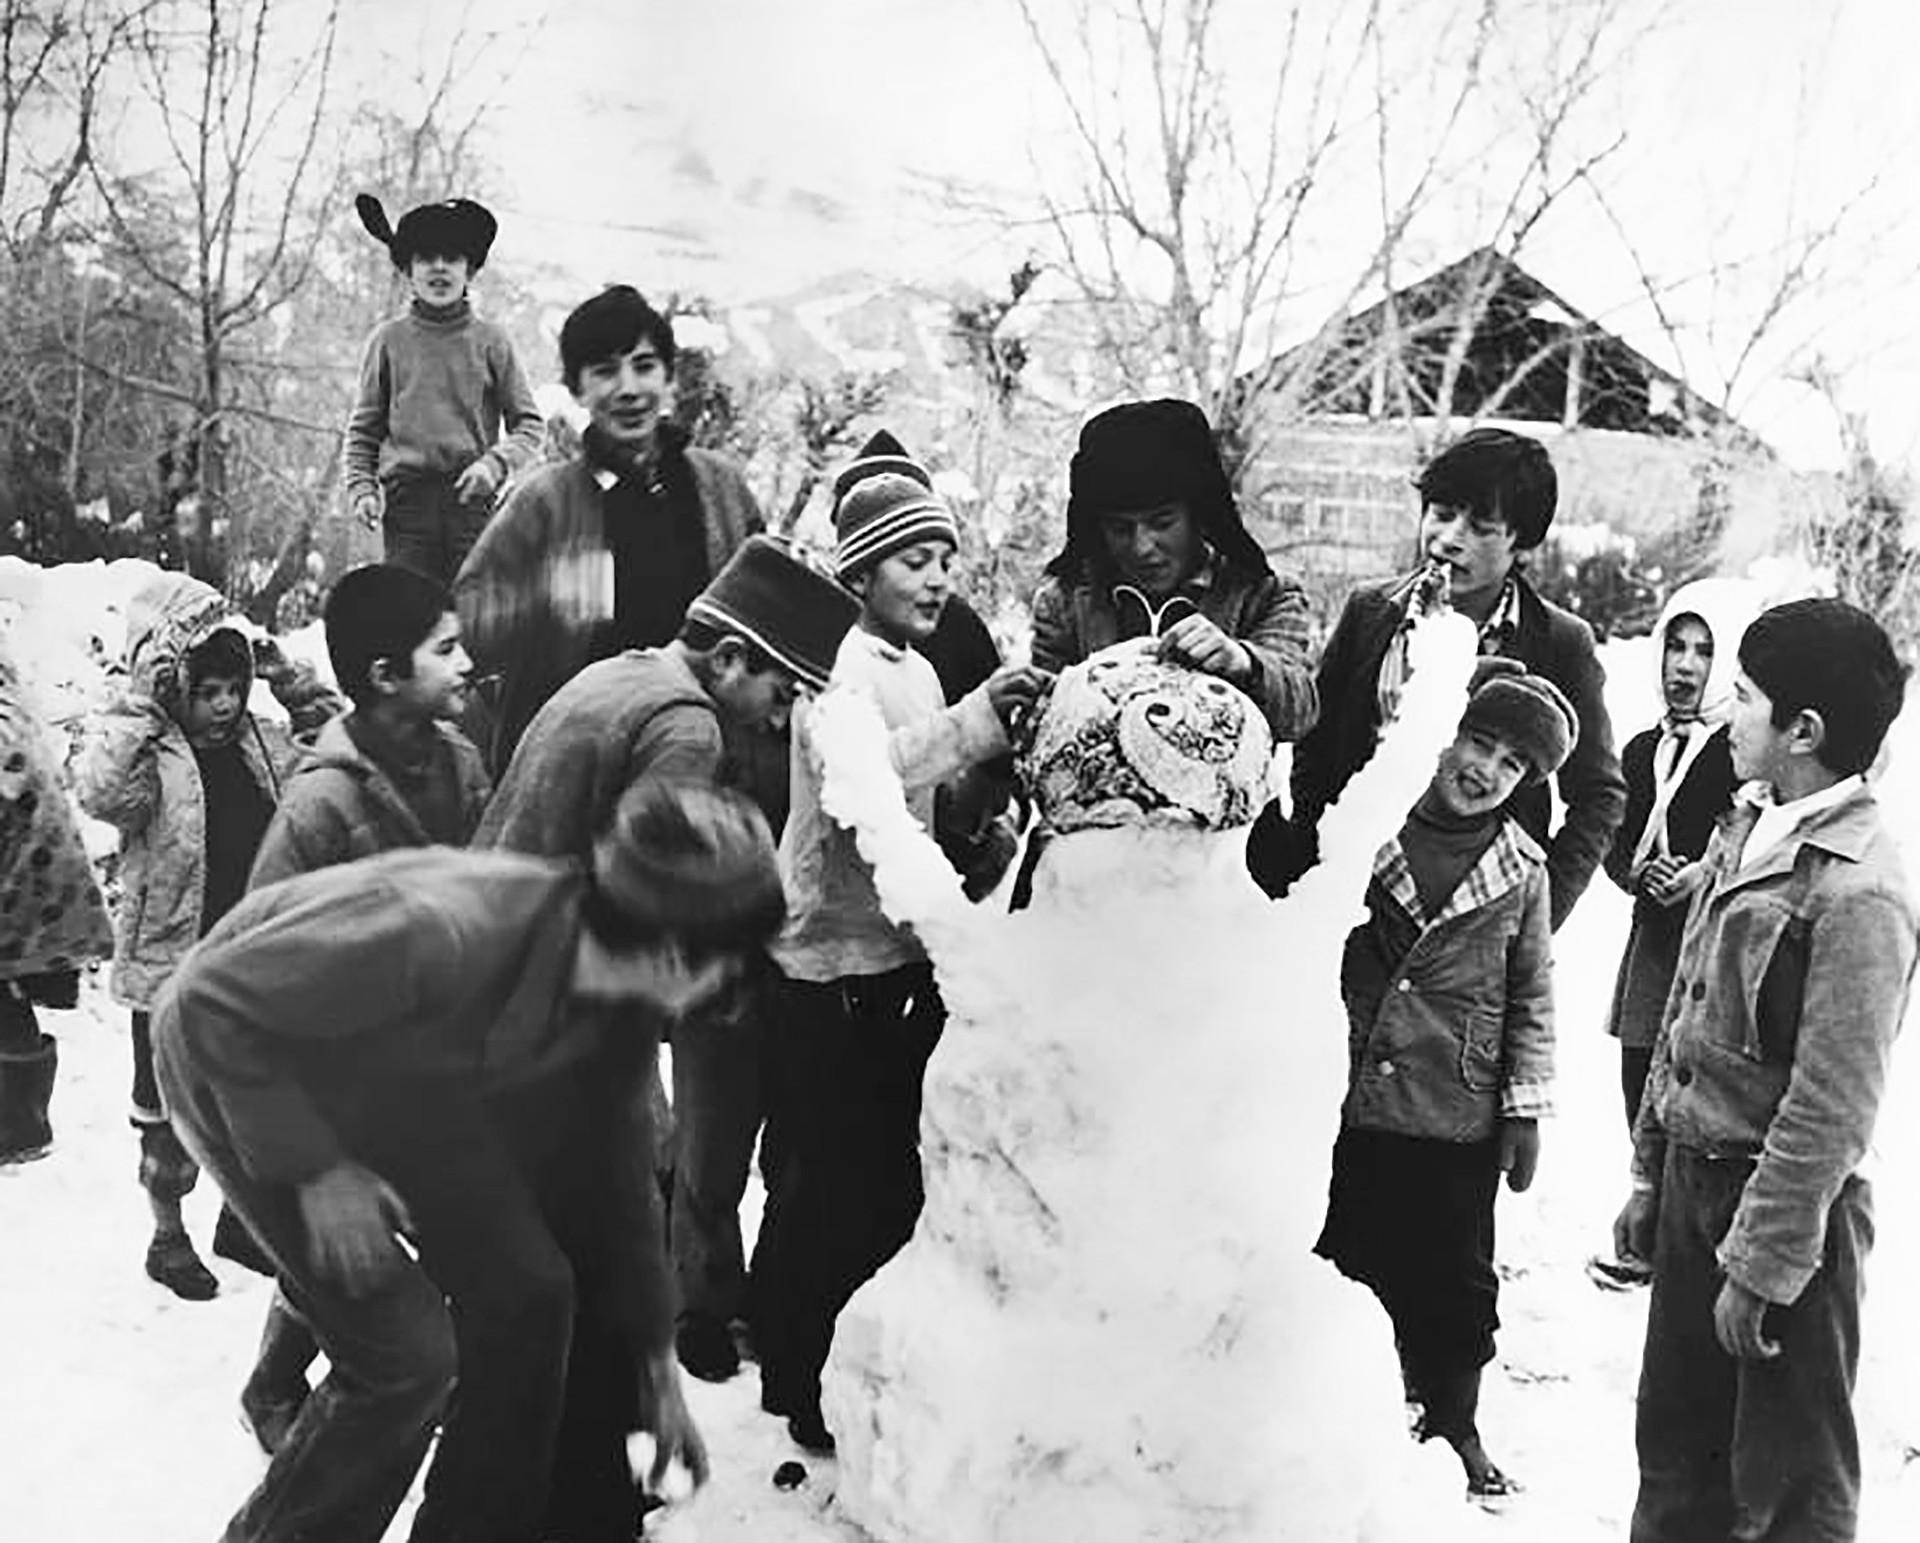 Zeigen Sie Ihre Kreativität beim Schneemannbauen!